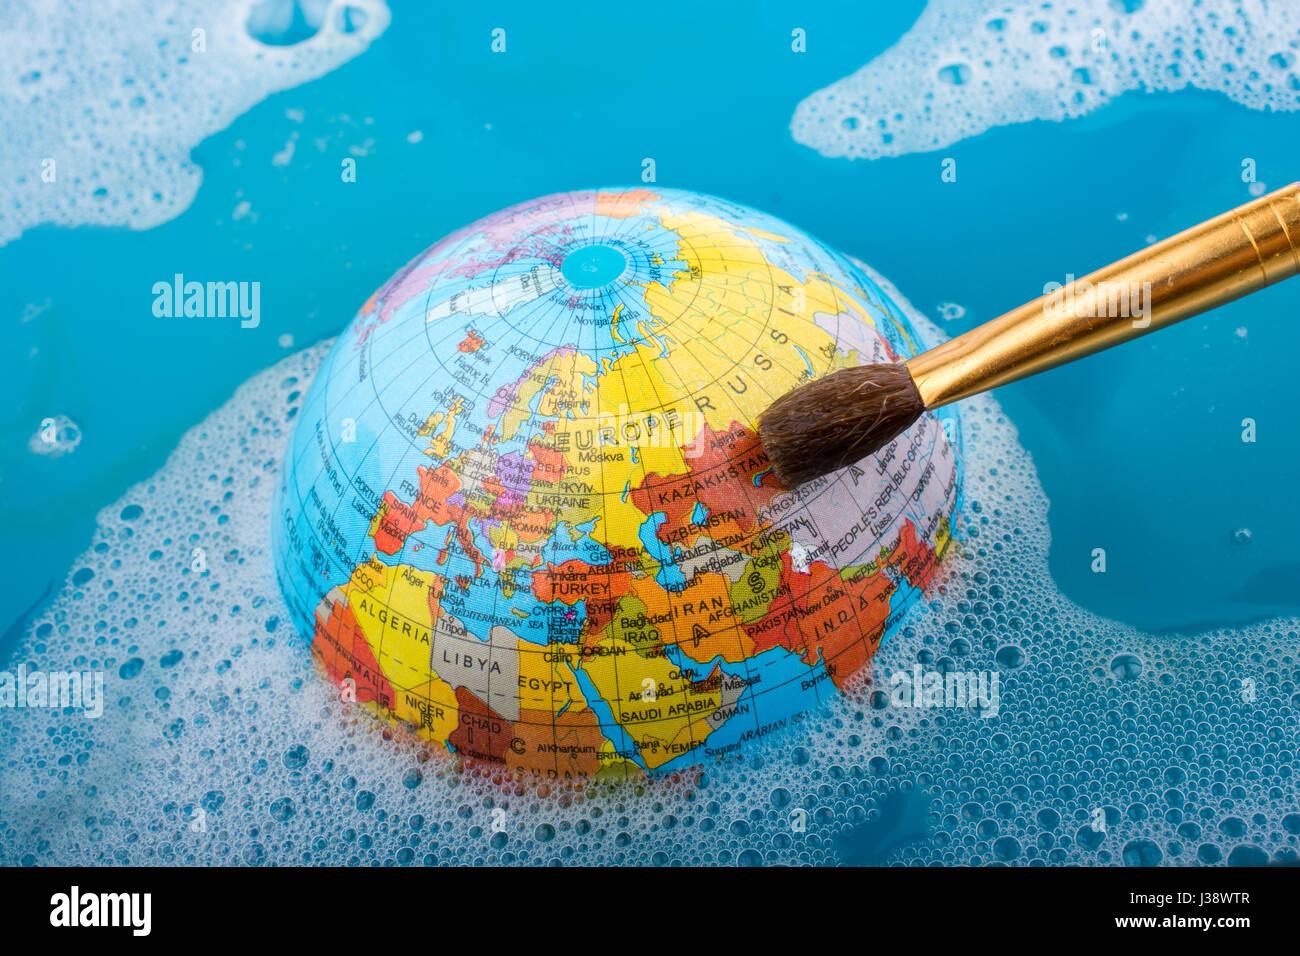 Pinsel Auf Globus In Wasser Gelegt Mit Schaum Bedeckt Stockfoto